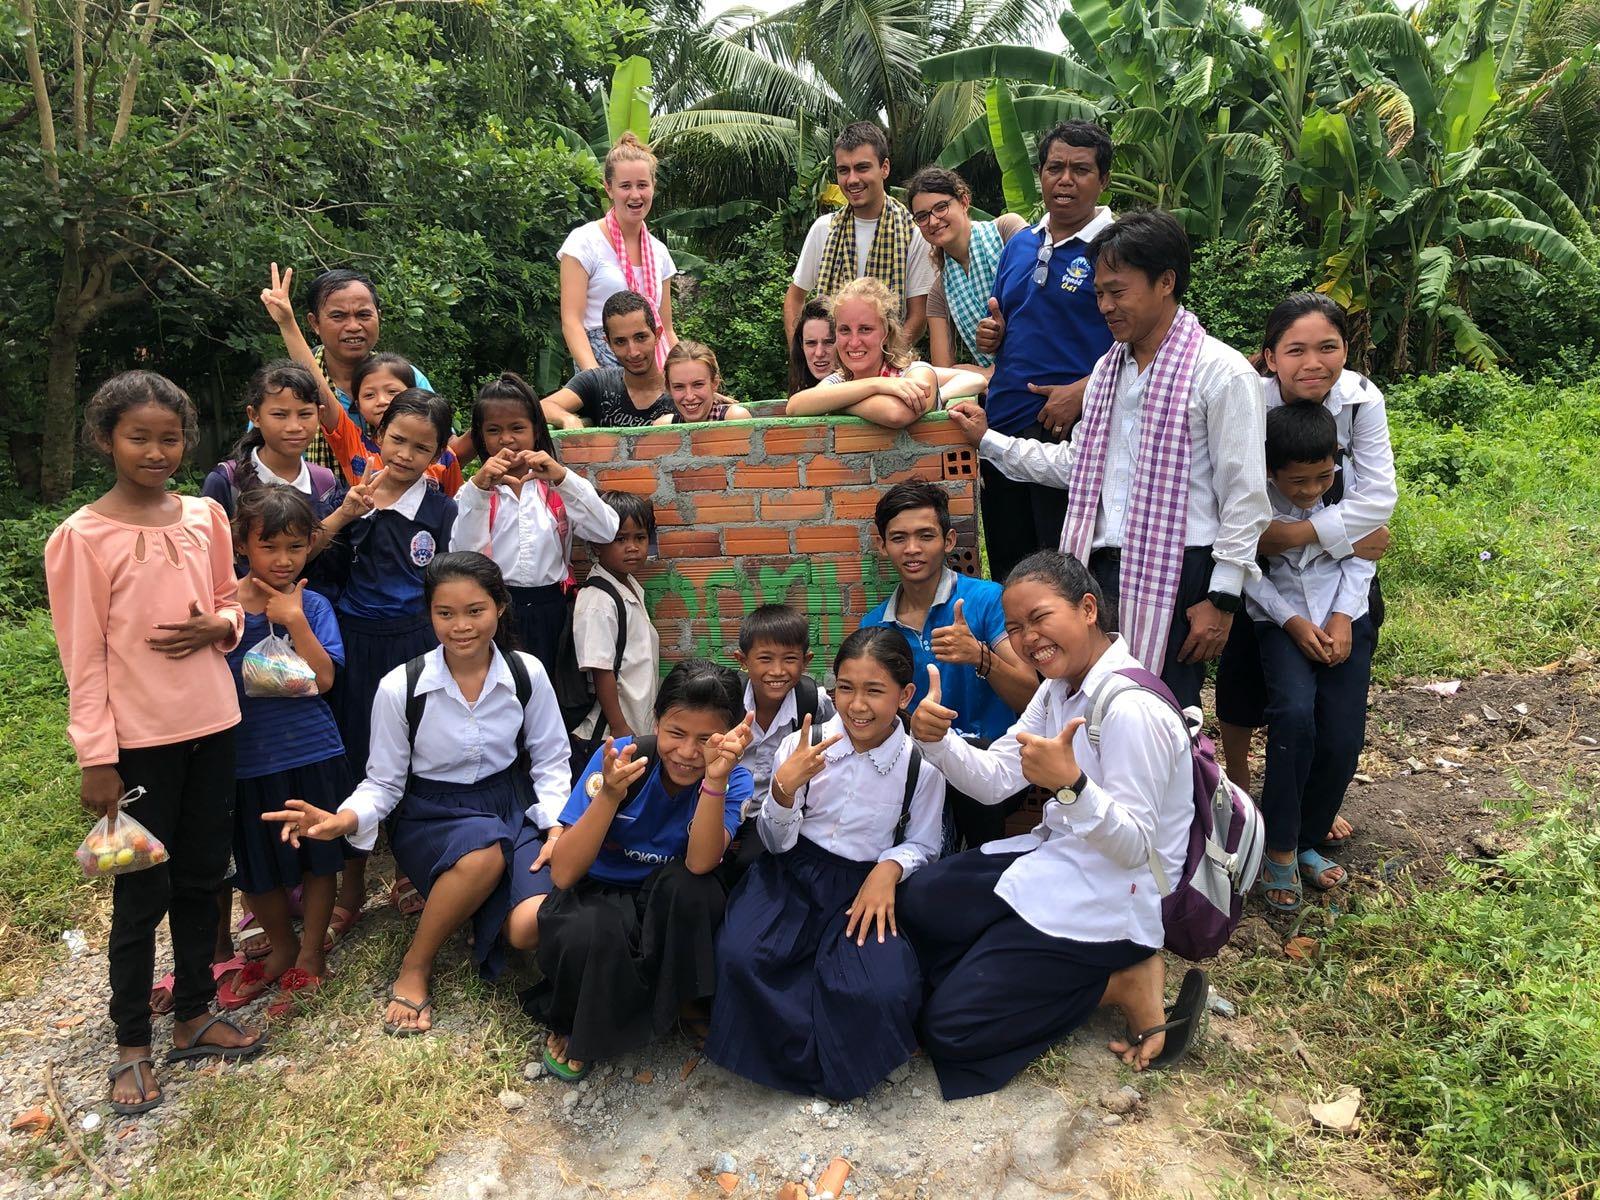 Cet été, des étudiants ont soutenu nos projets de Madagascar jusqu'au Cambodge